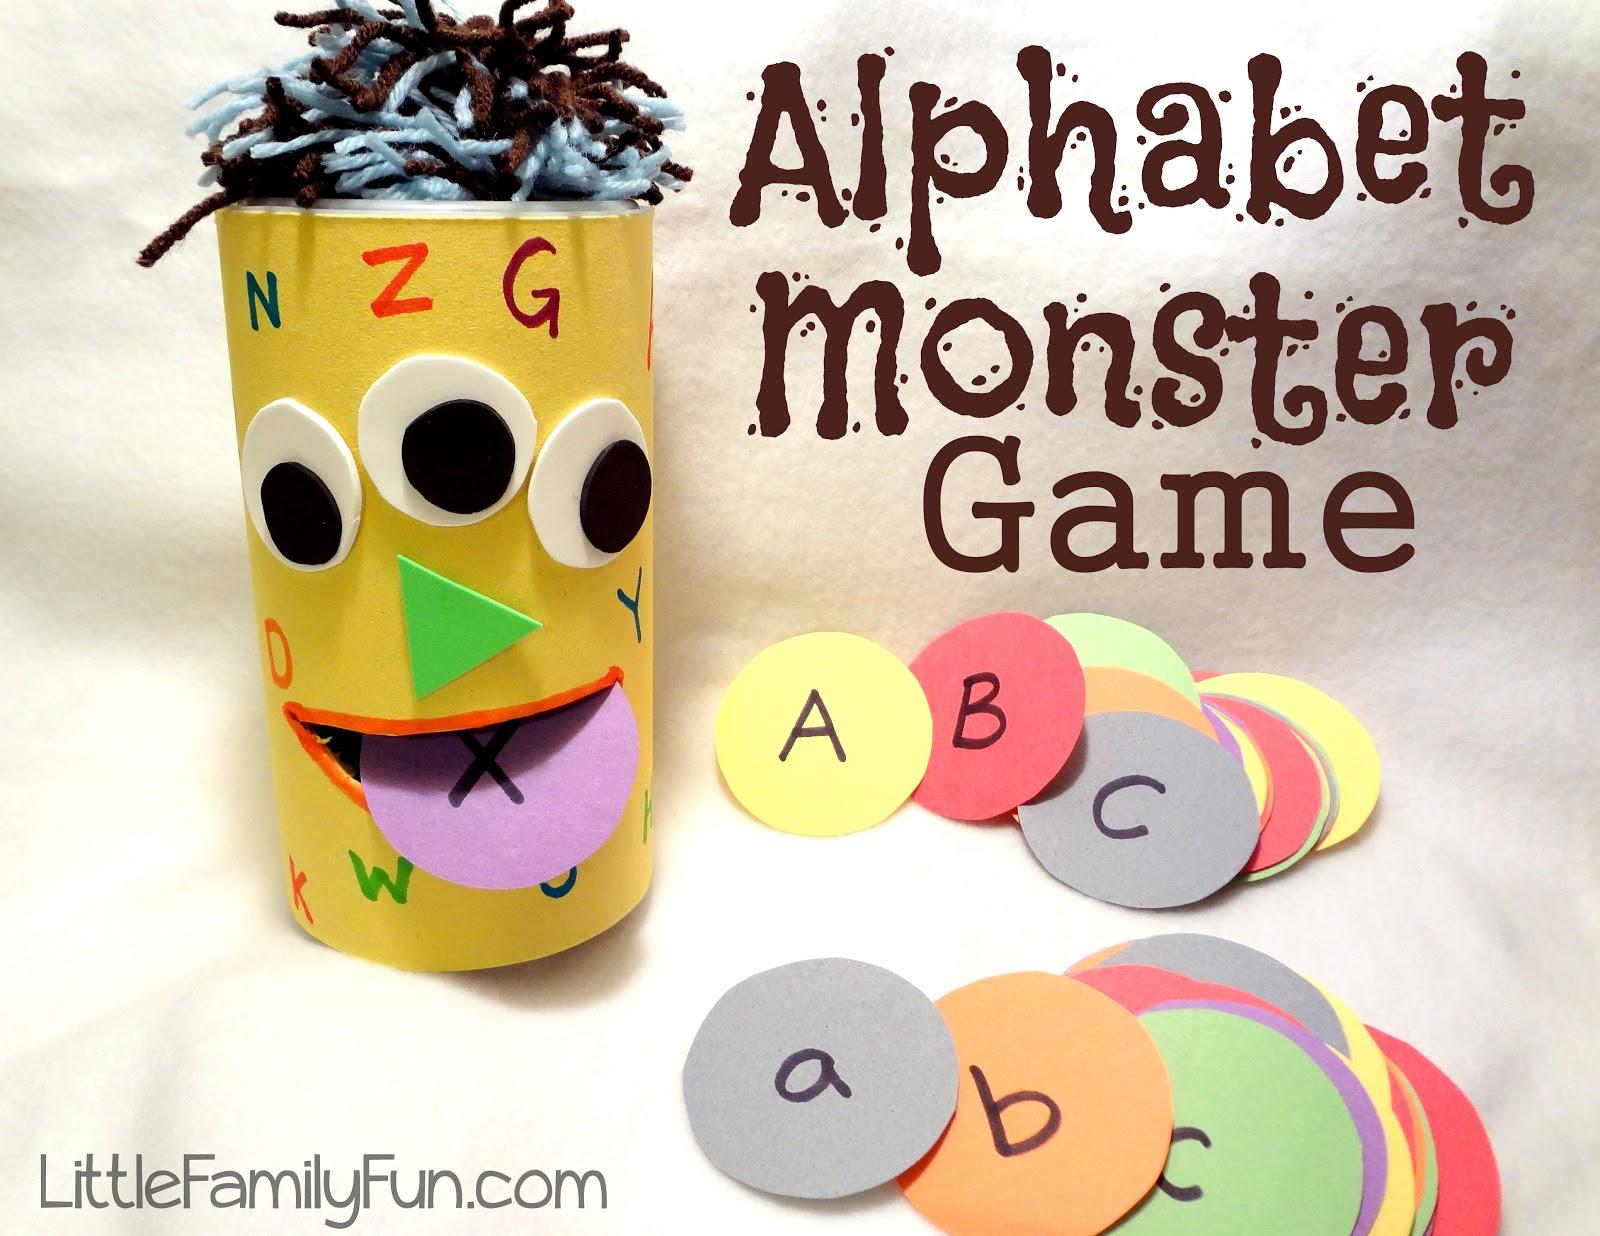 Little Family Fun Alphabet Monster Game